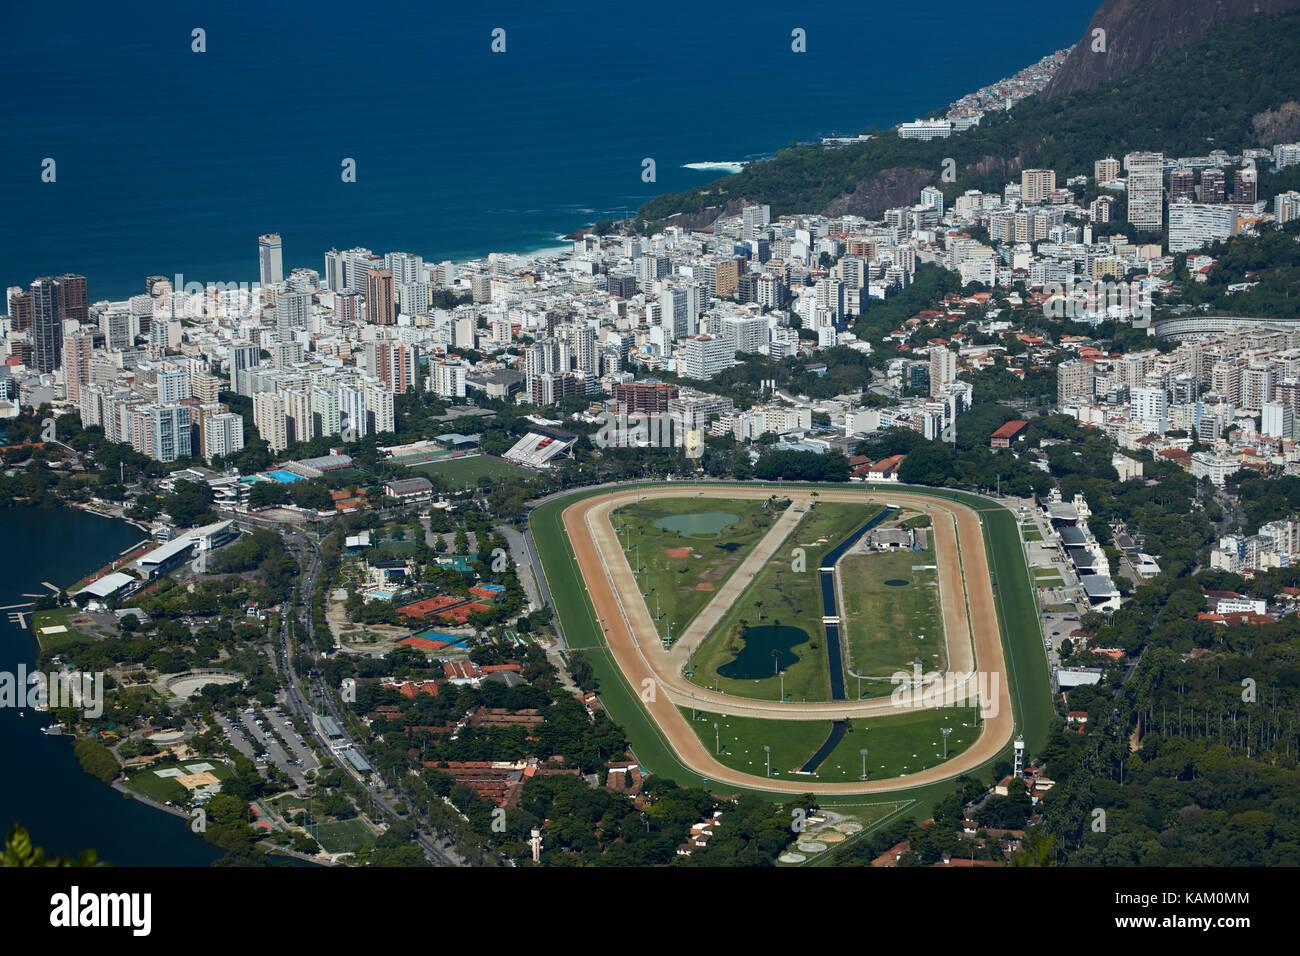 Rio de janeiro race track stock photos rio de janeiro for Miroir club rio de janeiro